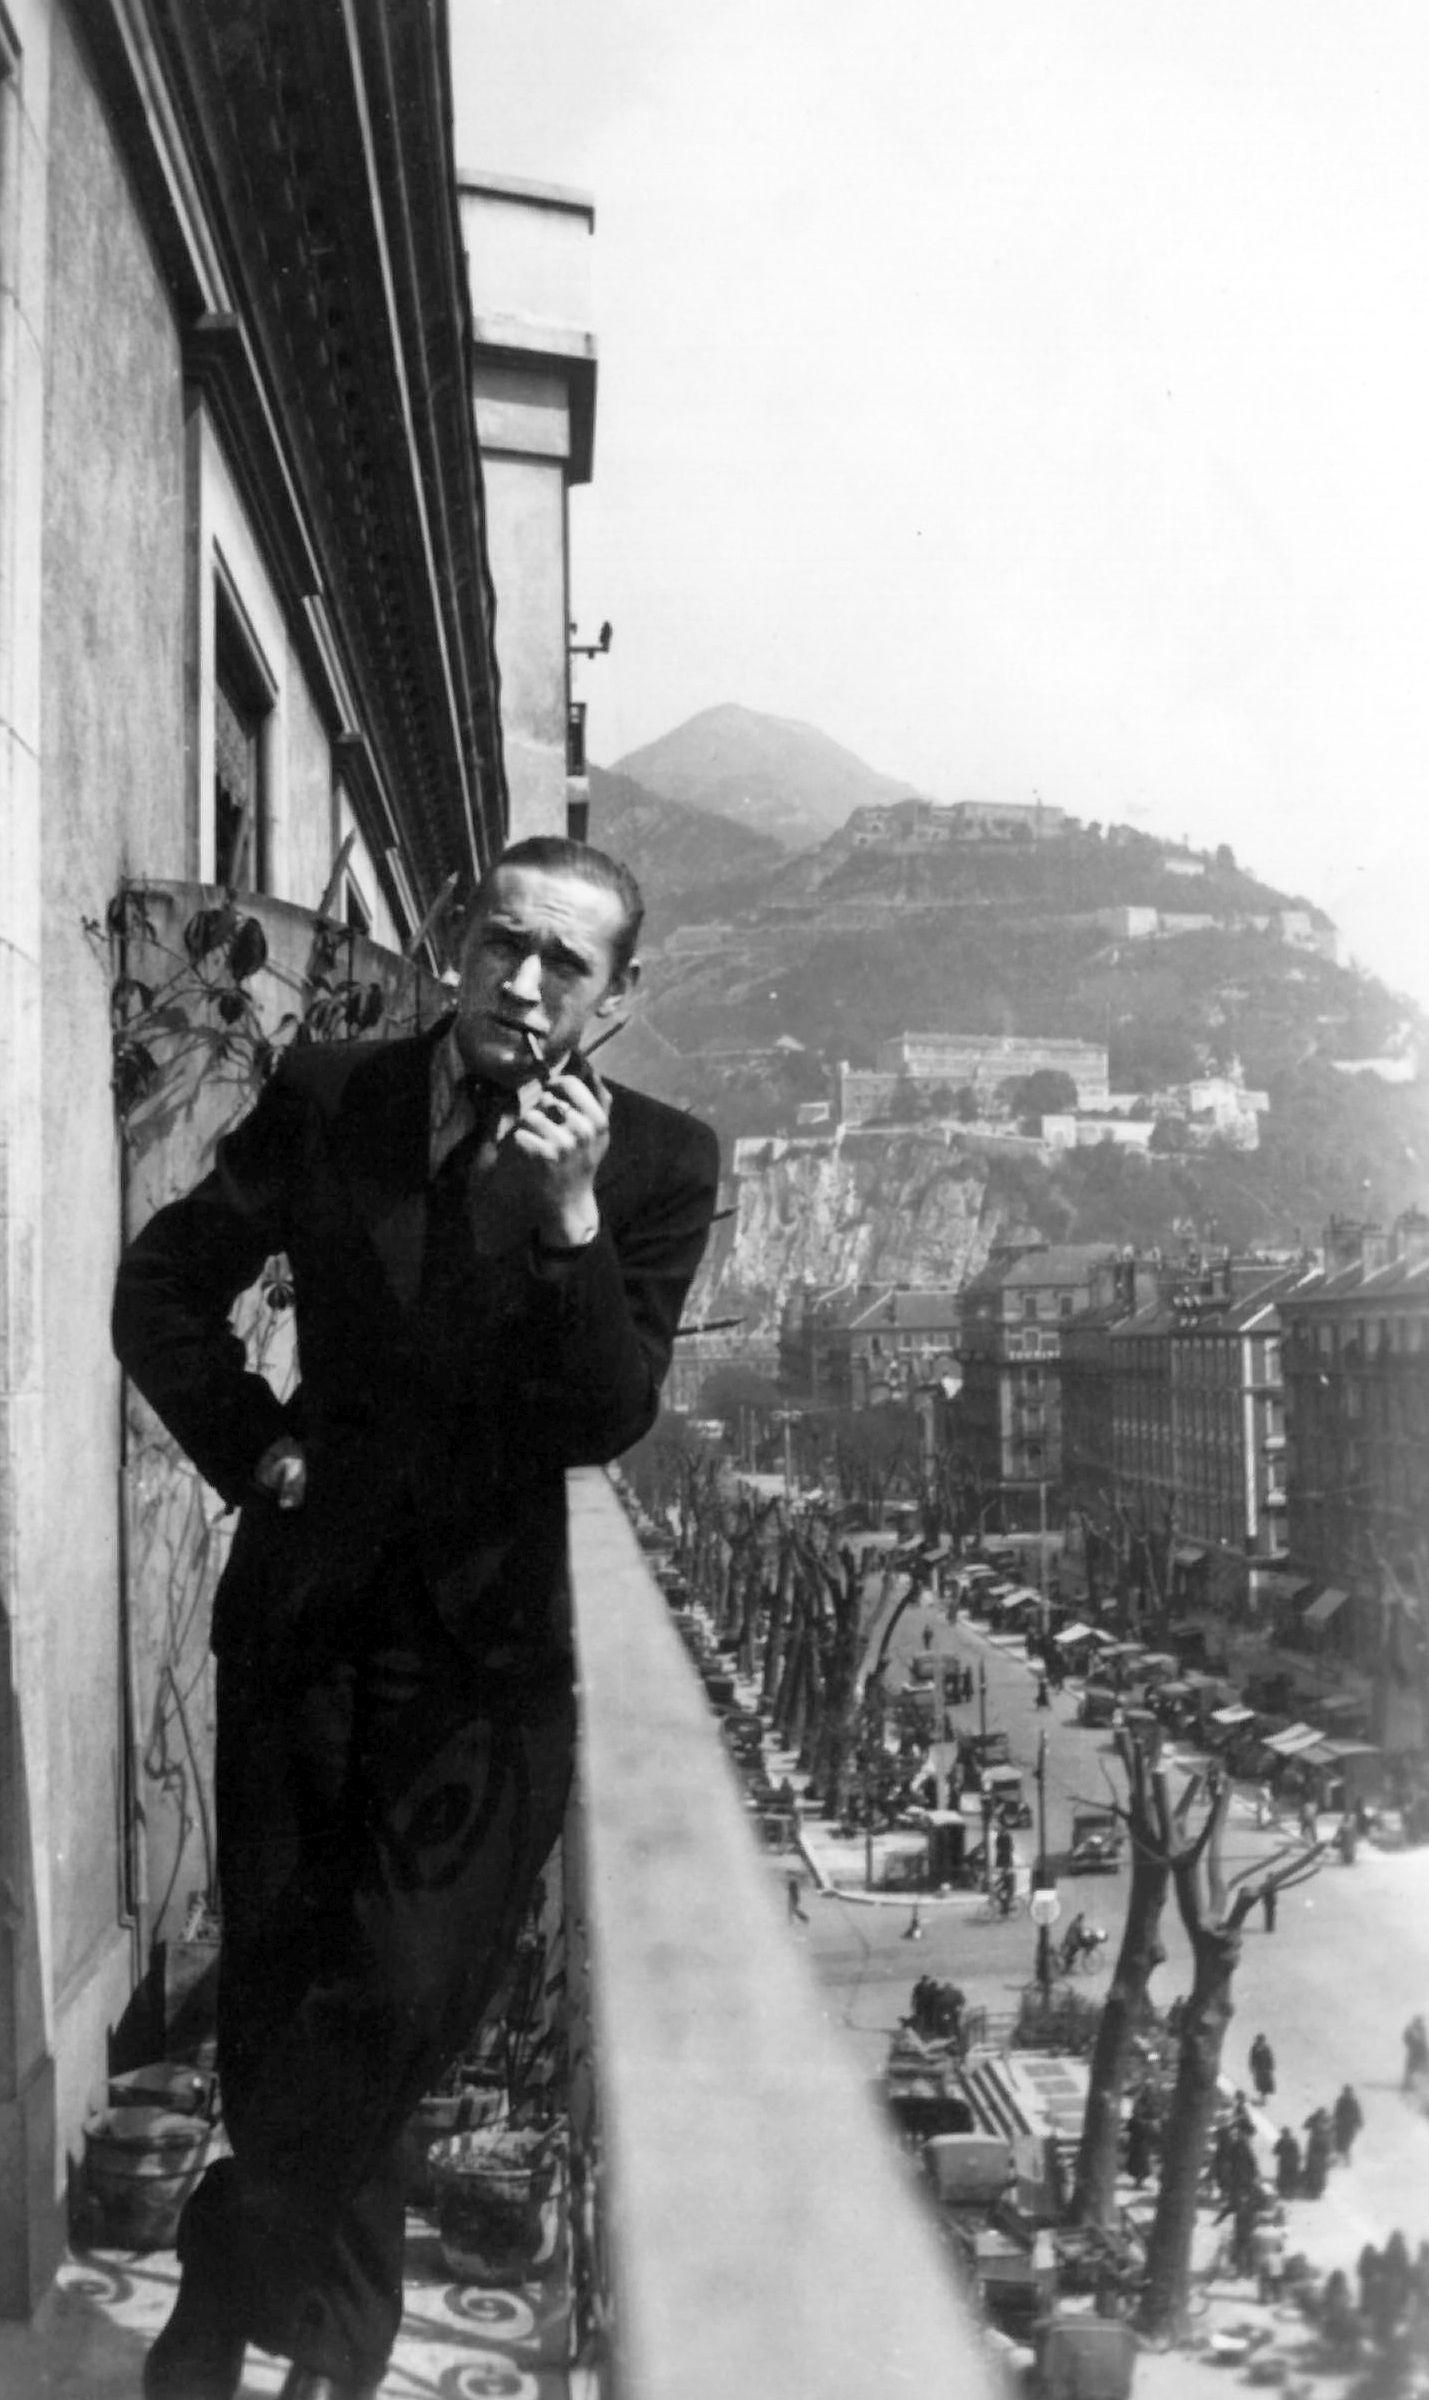 Algirdas Julius Greimas Grenoblyje 1937 m. | Šeimos archyvas